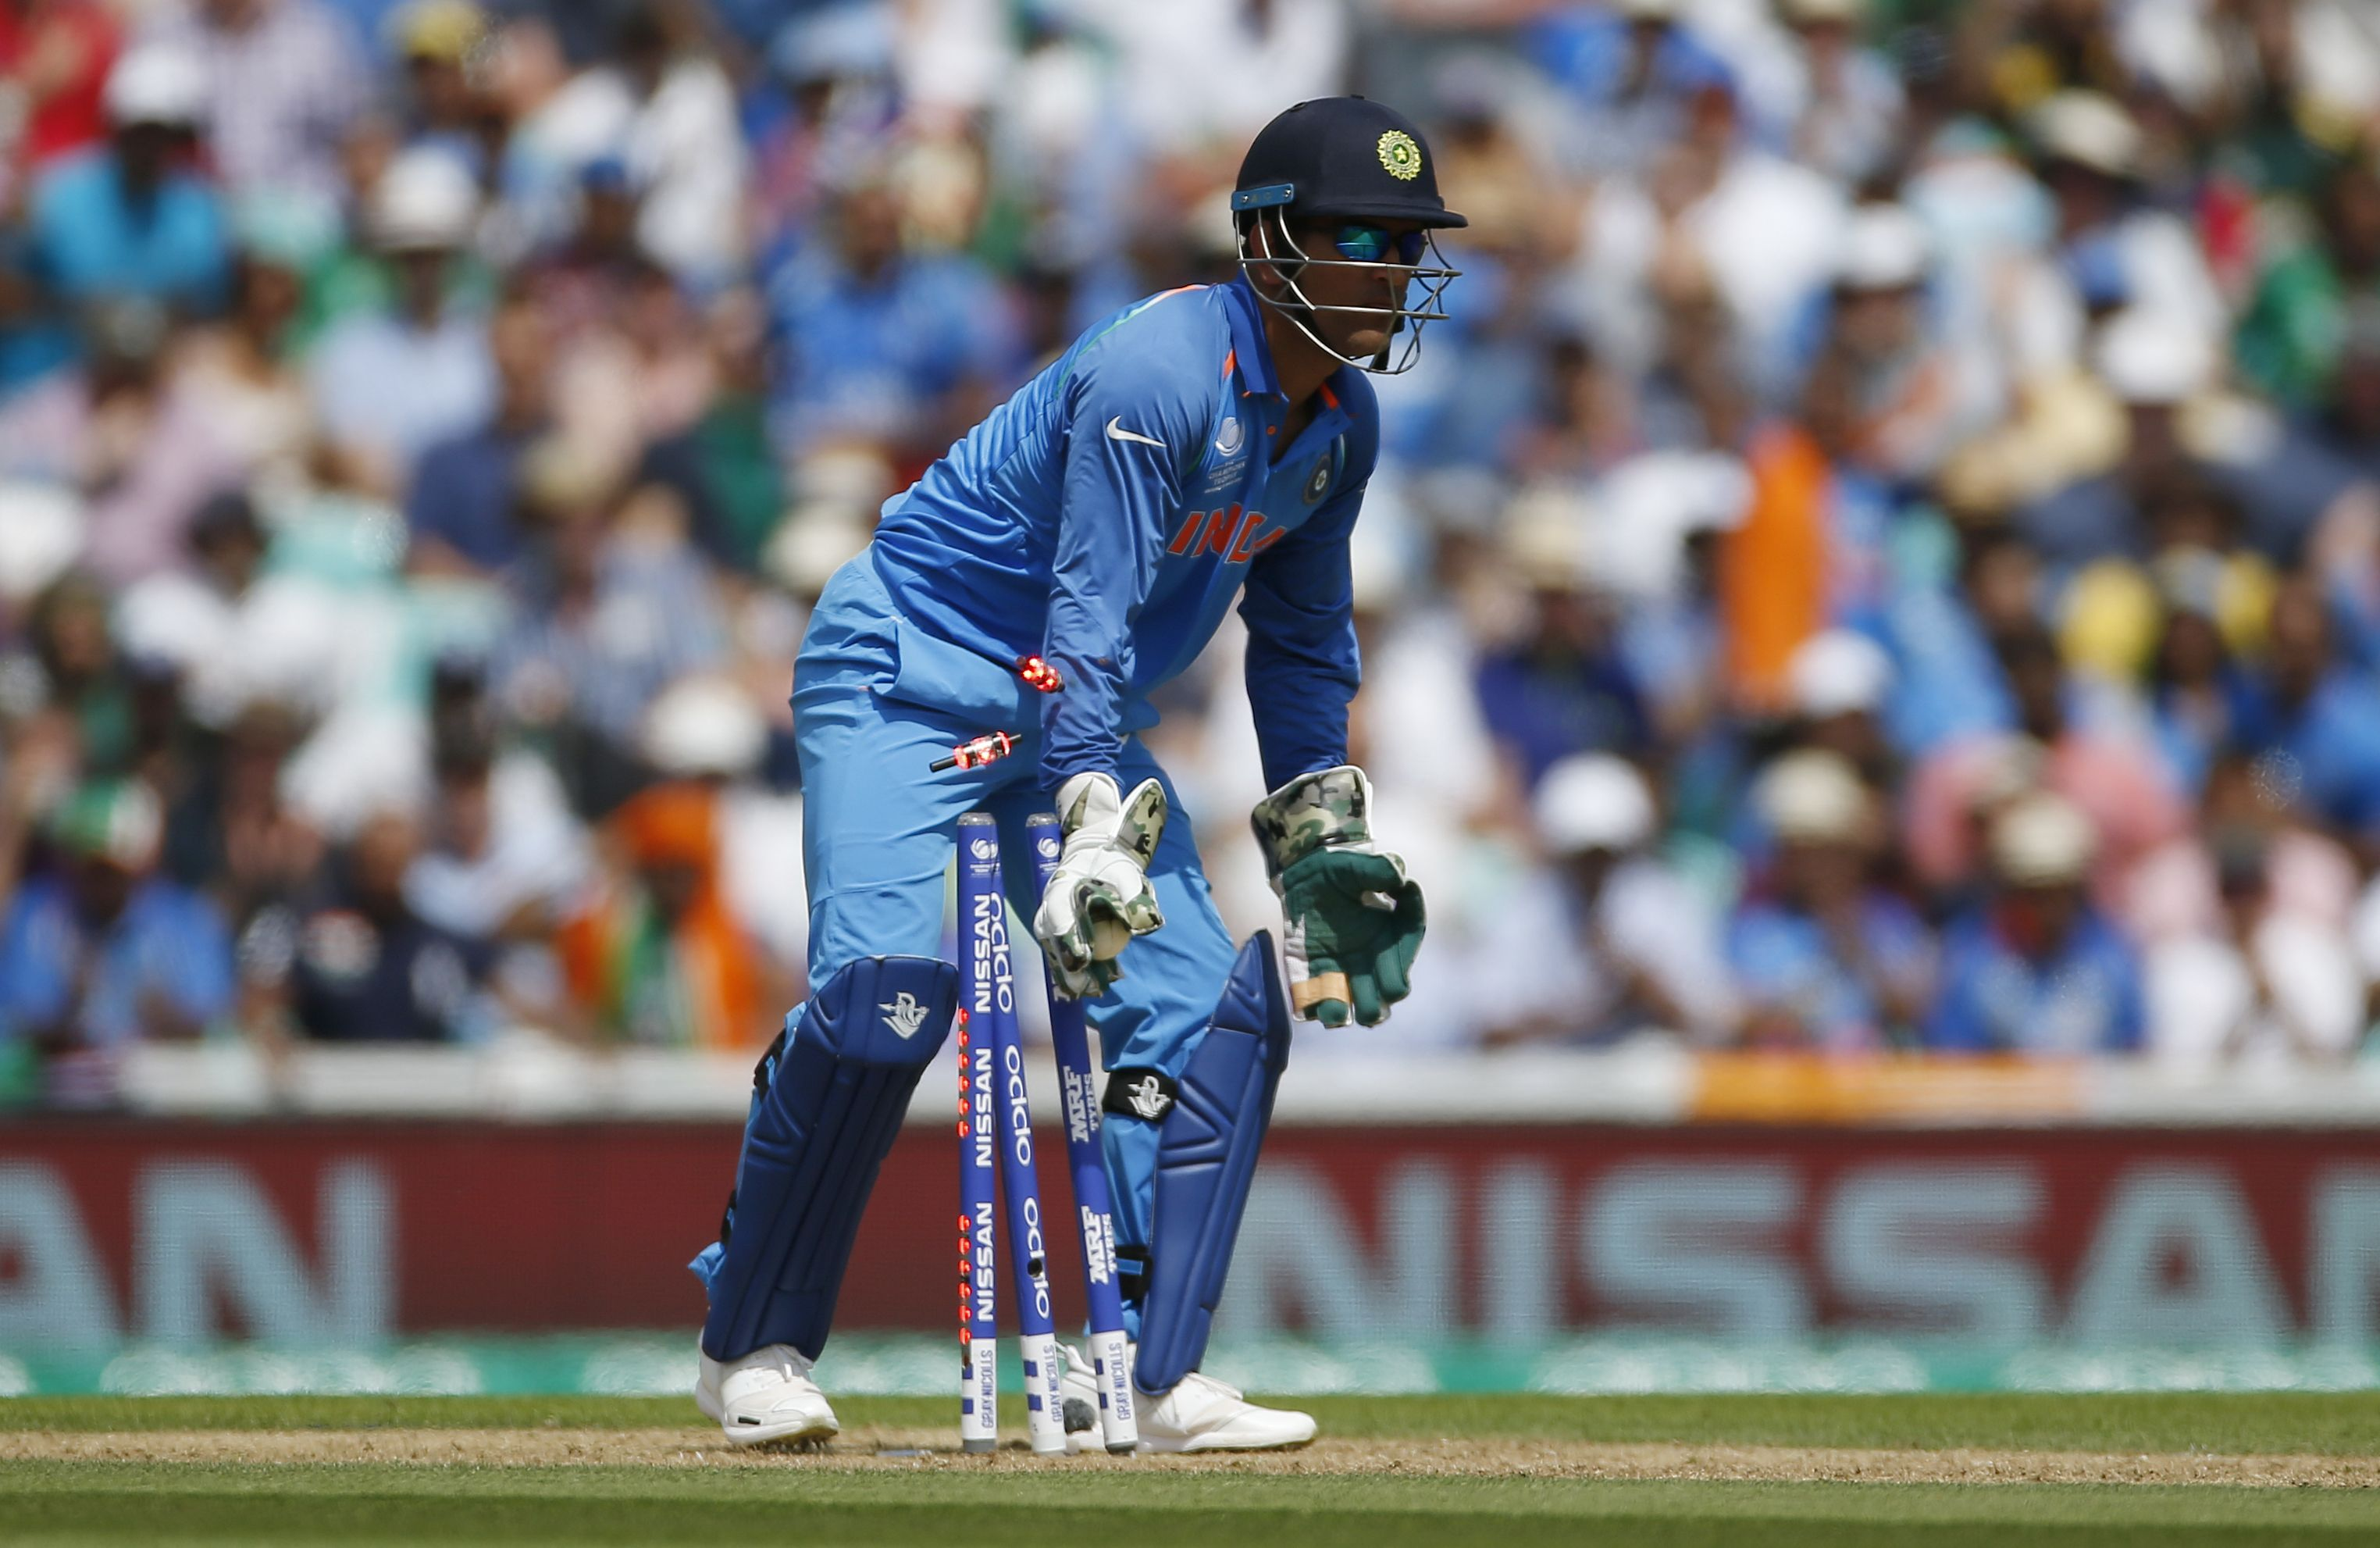 इस पूर्व दिग्गज ने कहा महेंद्र सिंह धोनी को करनी चाहिए पाकिस्तानी कप्तान सरफराज अहमद की मदद 3